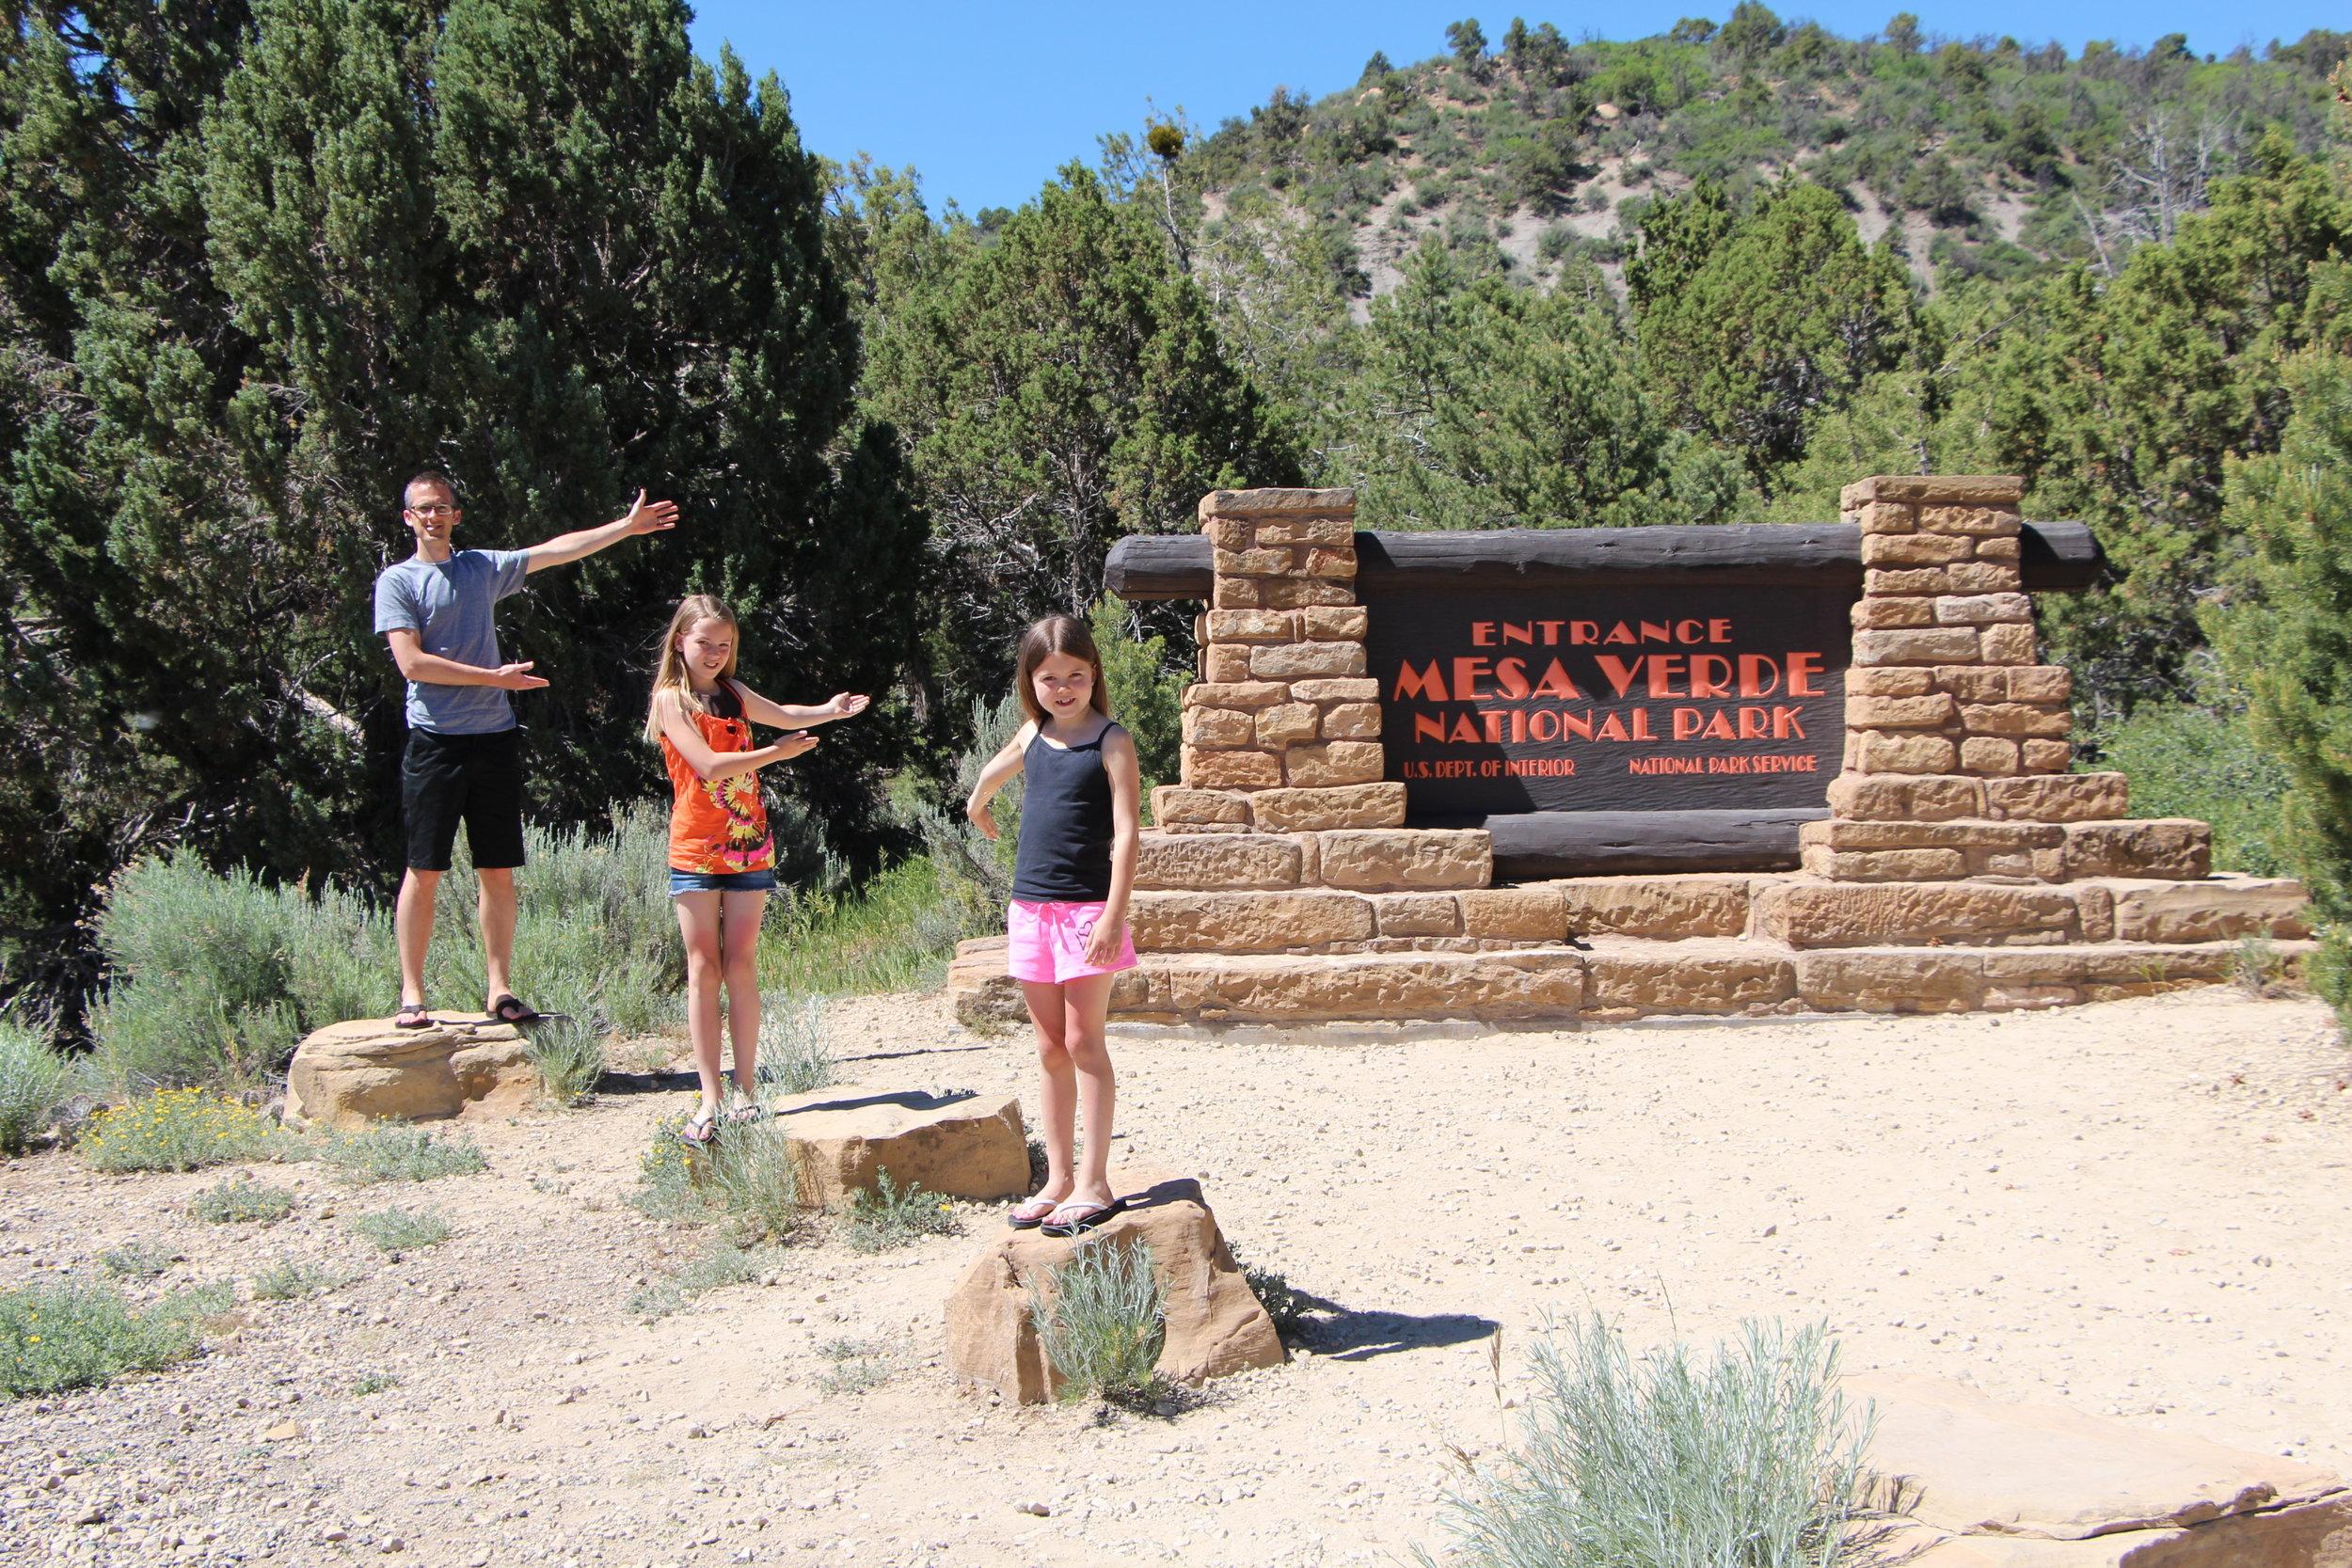 Mesa Verde National Park Entrance